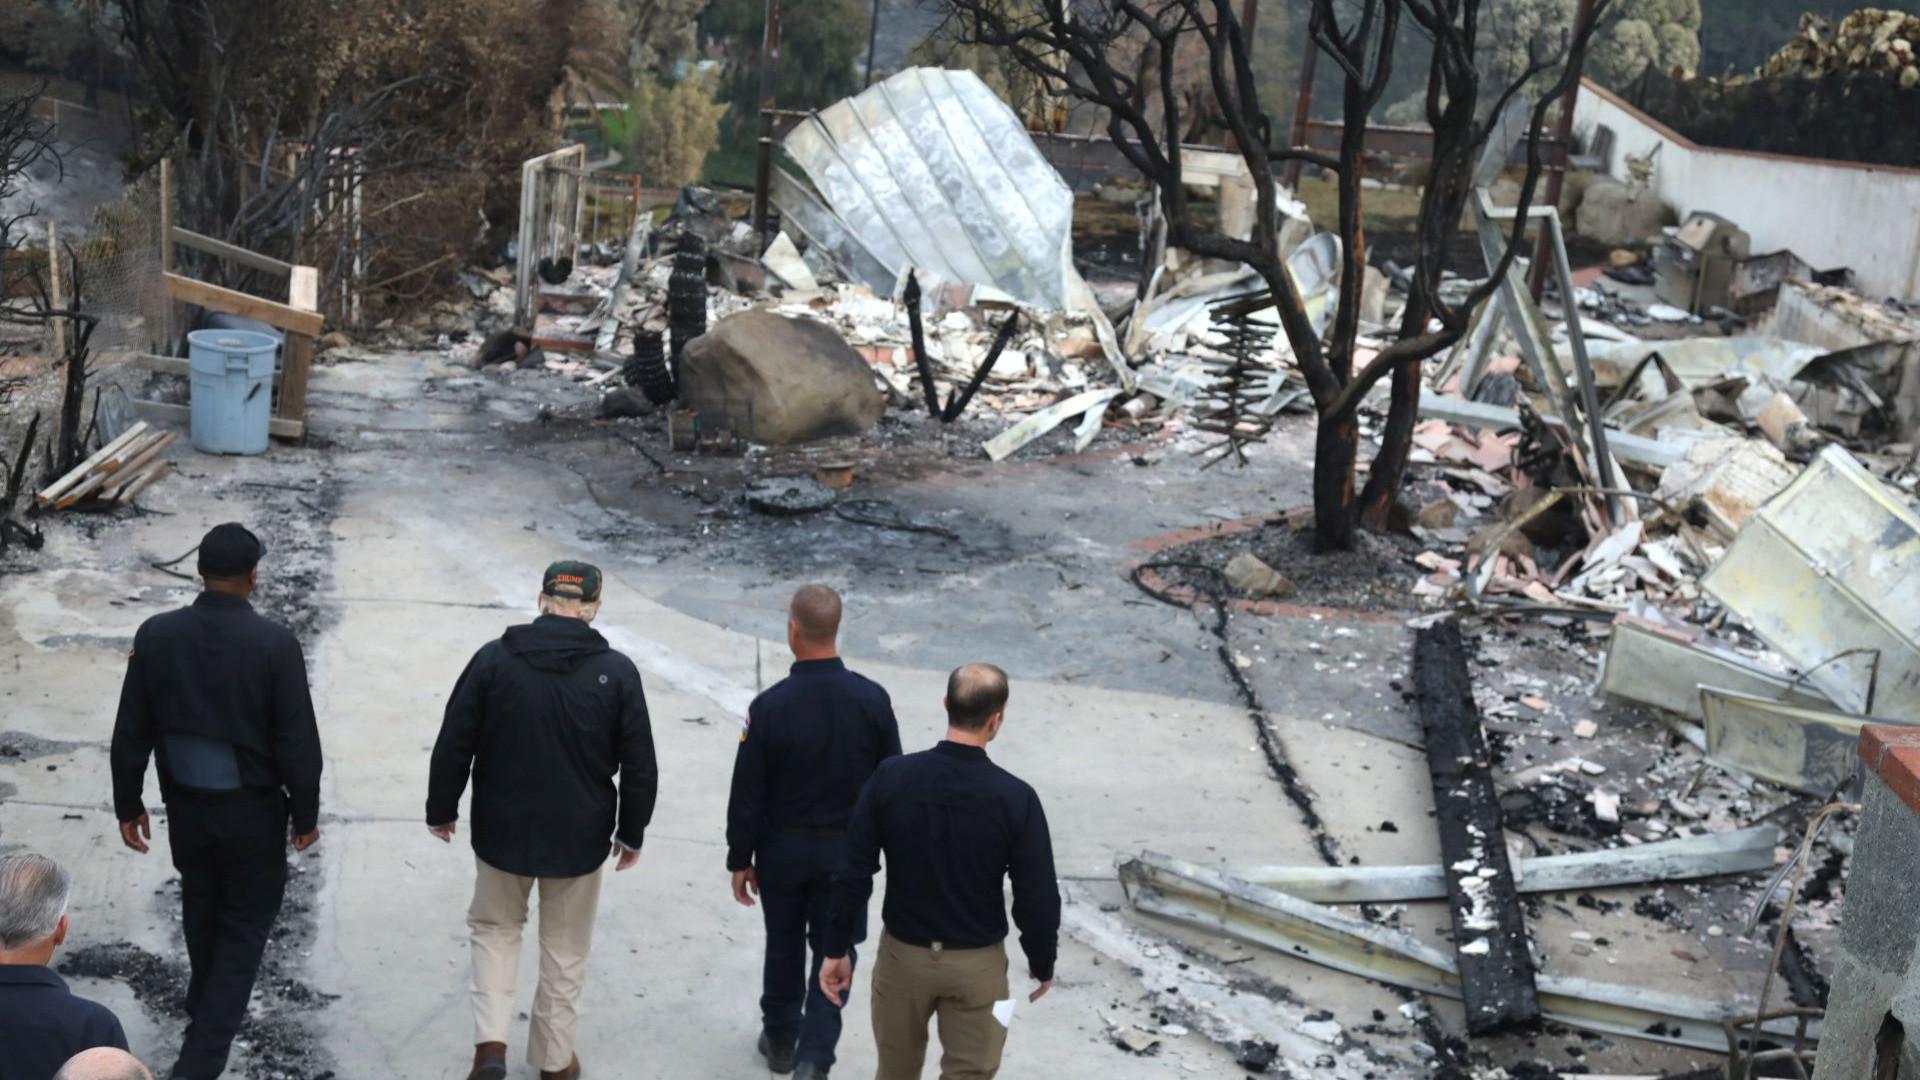 Novo balanço aponta para pelo menos 76 mortos em incêndio na Califórnia